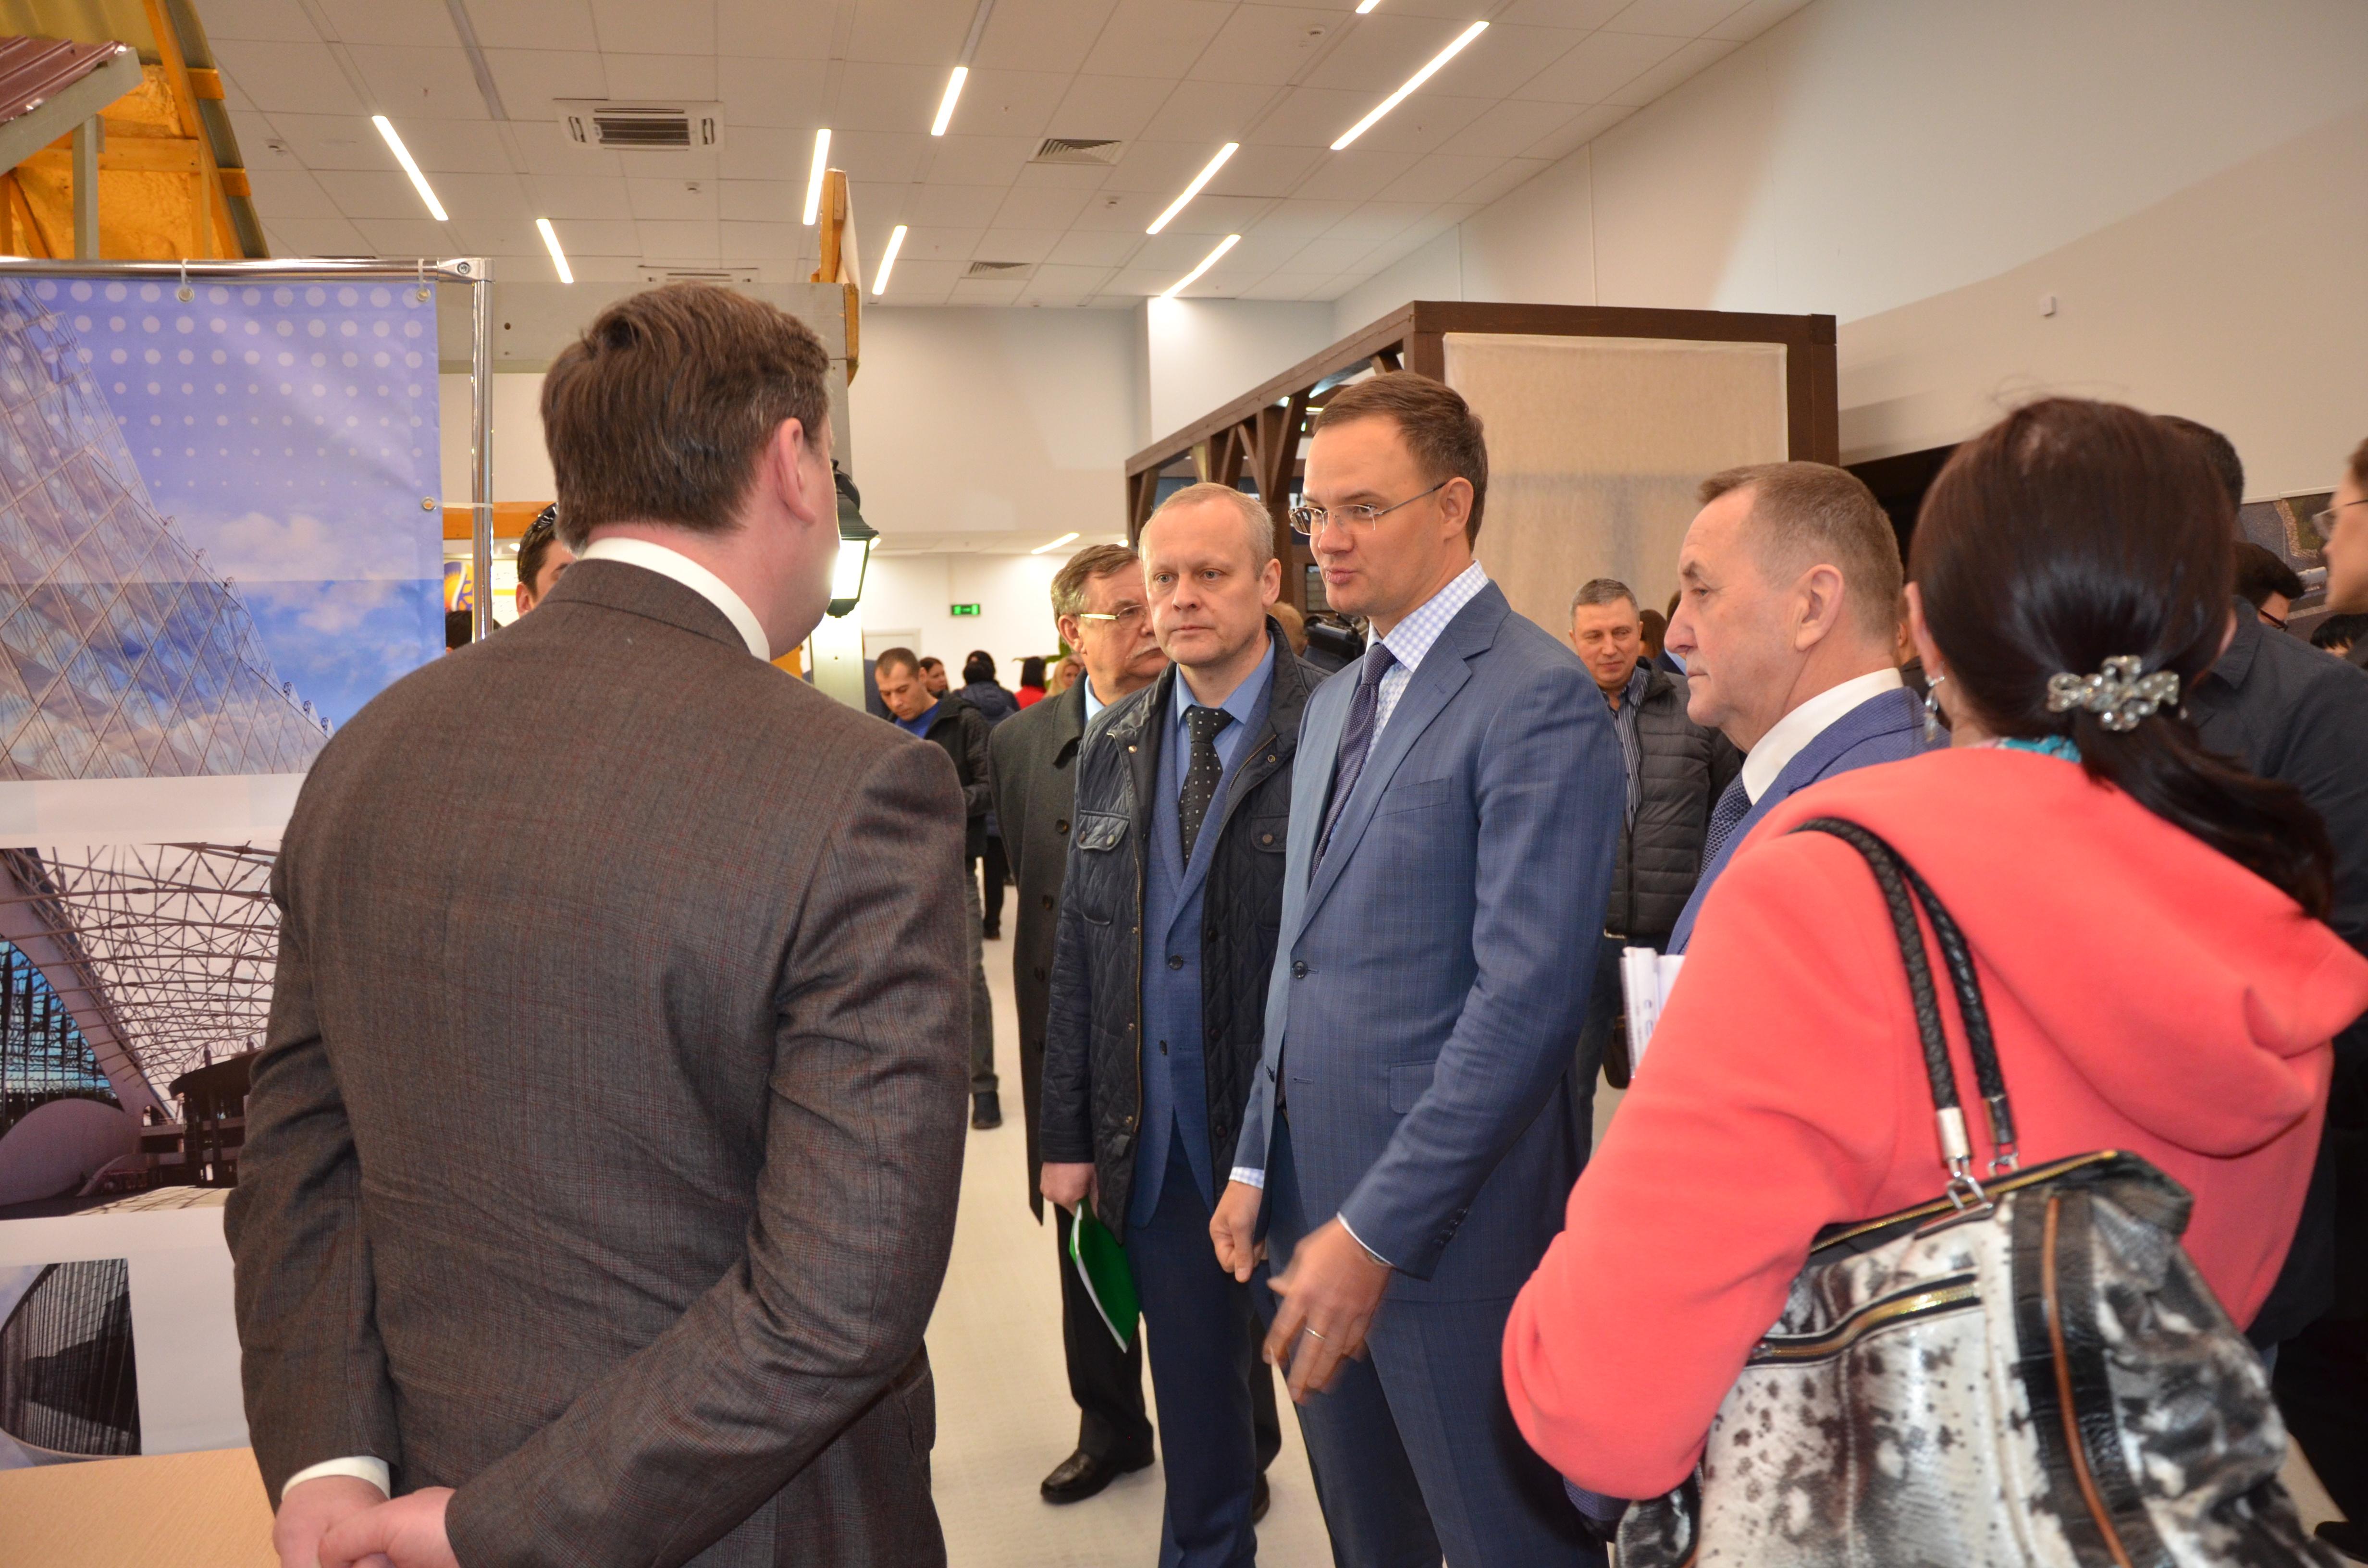 Региональный инвестиционно-строительный форум «Домострой-2019» открылся в Нижнем Новгороде - фото 3